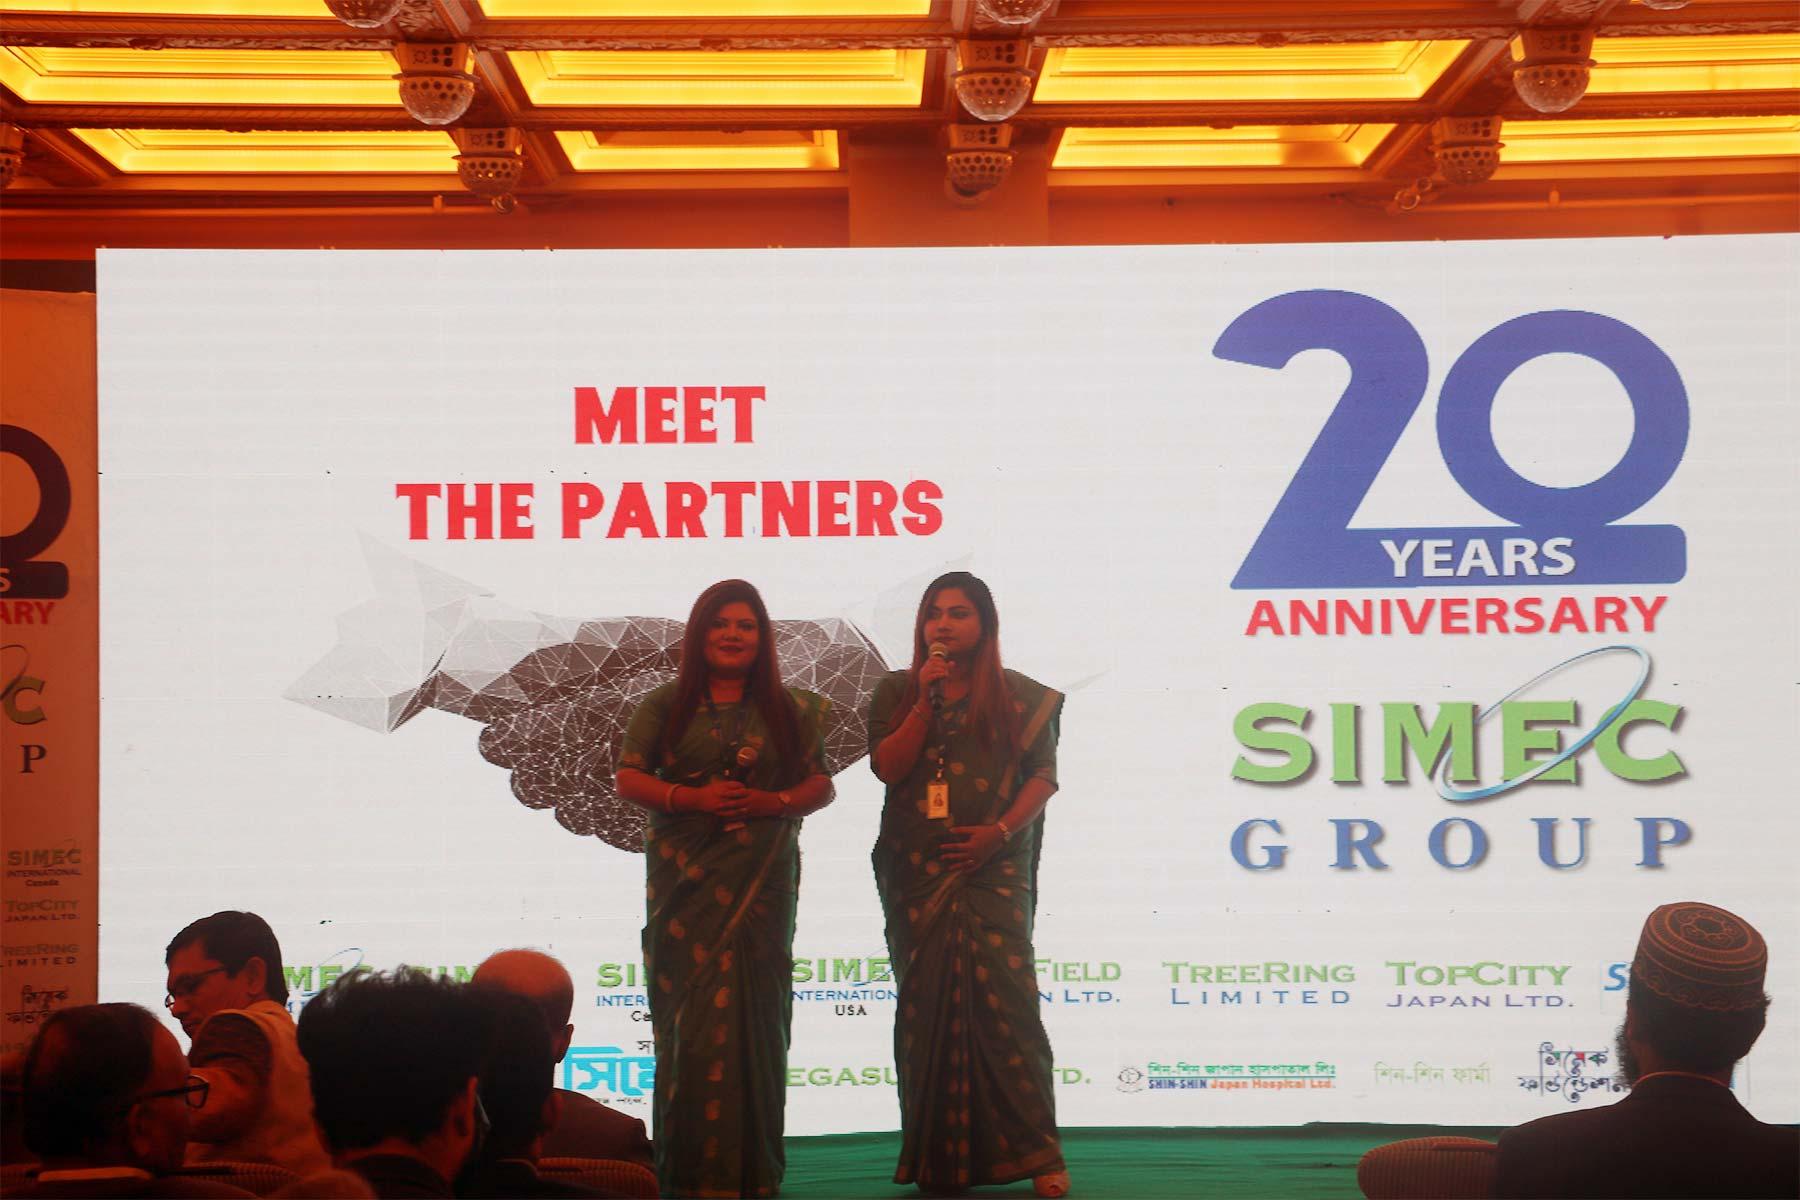 20 Years Anniversary & Meet the Partners